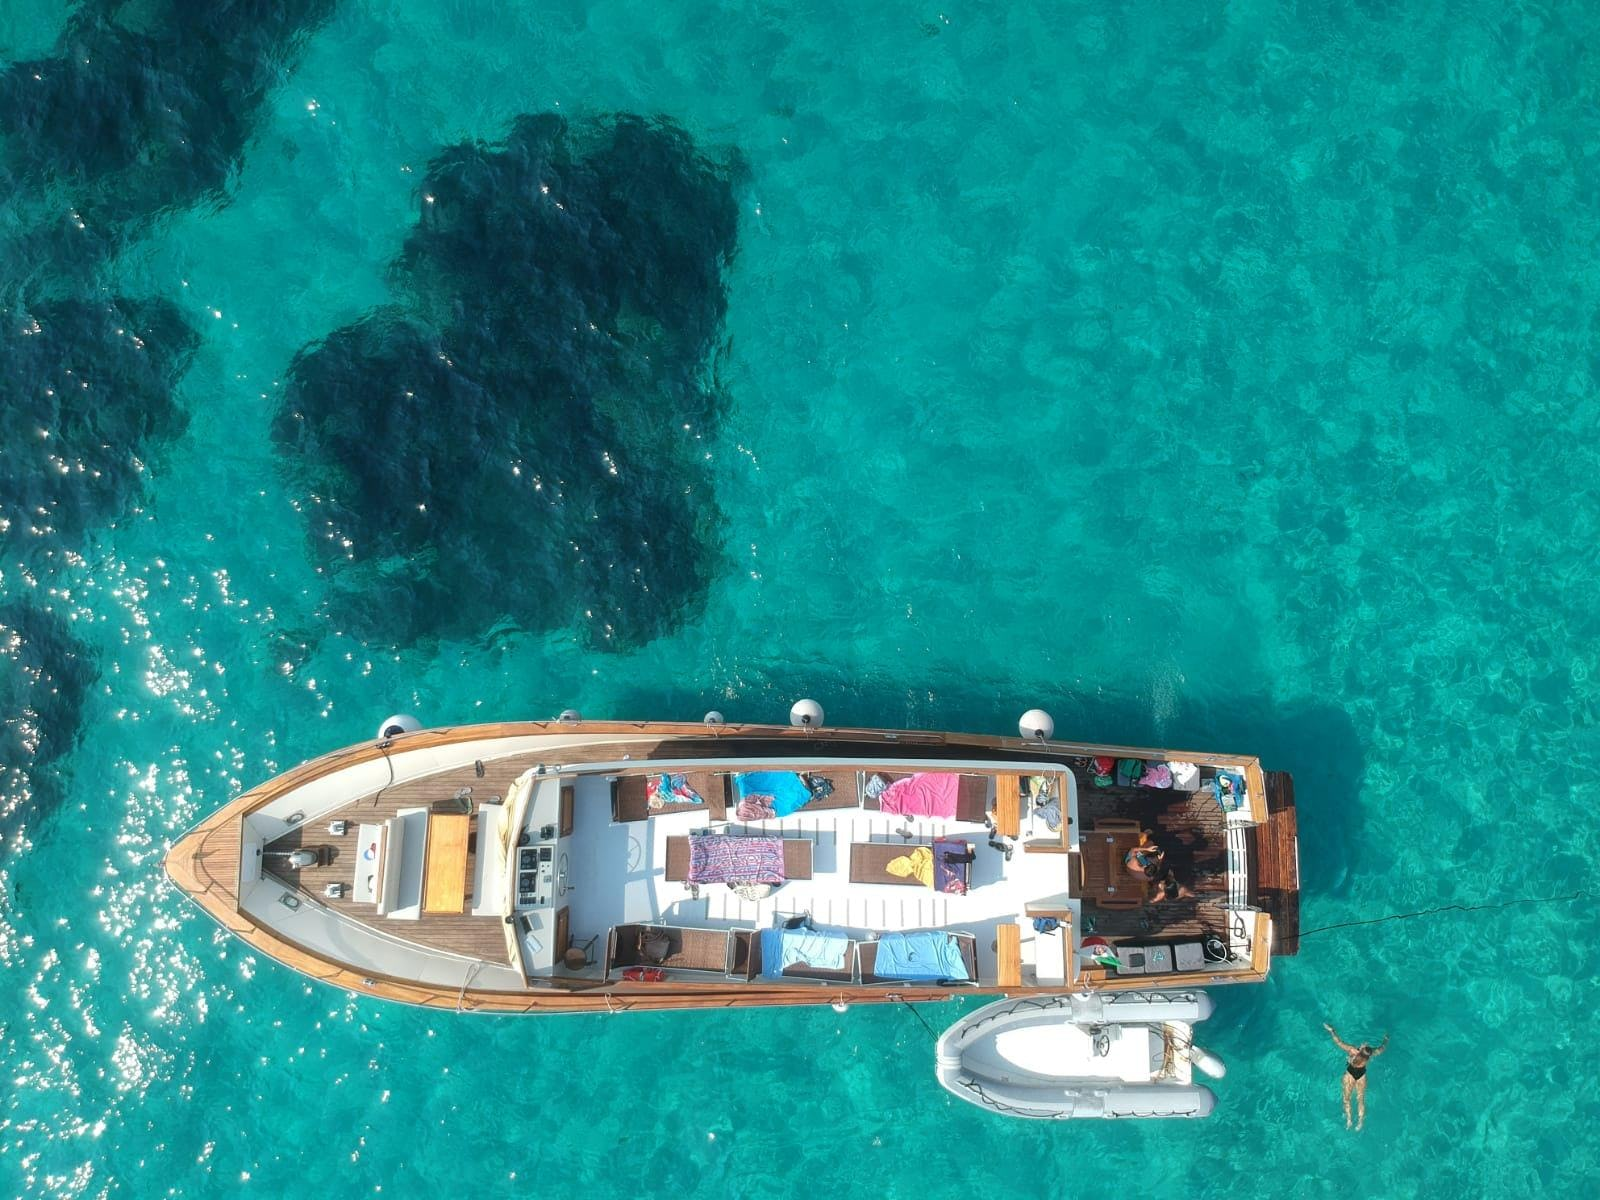 La barca Rocca Corsa viene mostrata dall'alto durante un giro semiprivato a La Maddalena, il mare intorno è turchese.